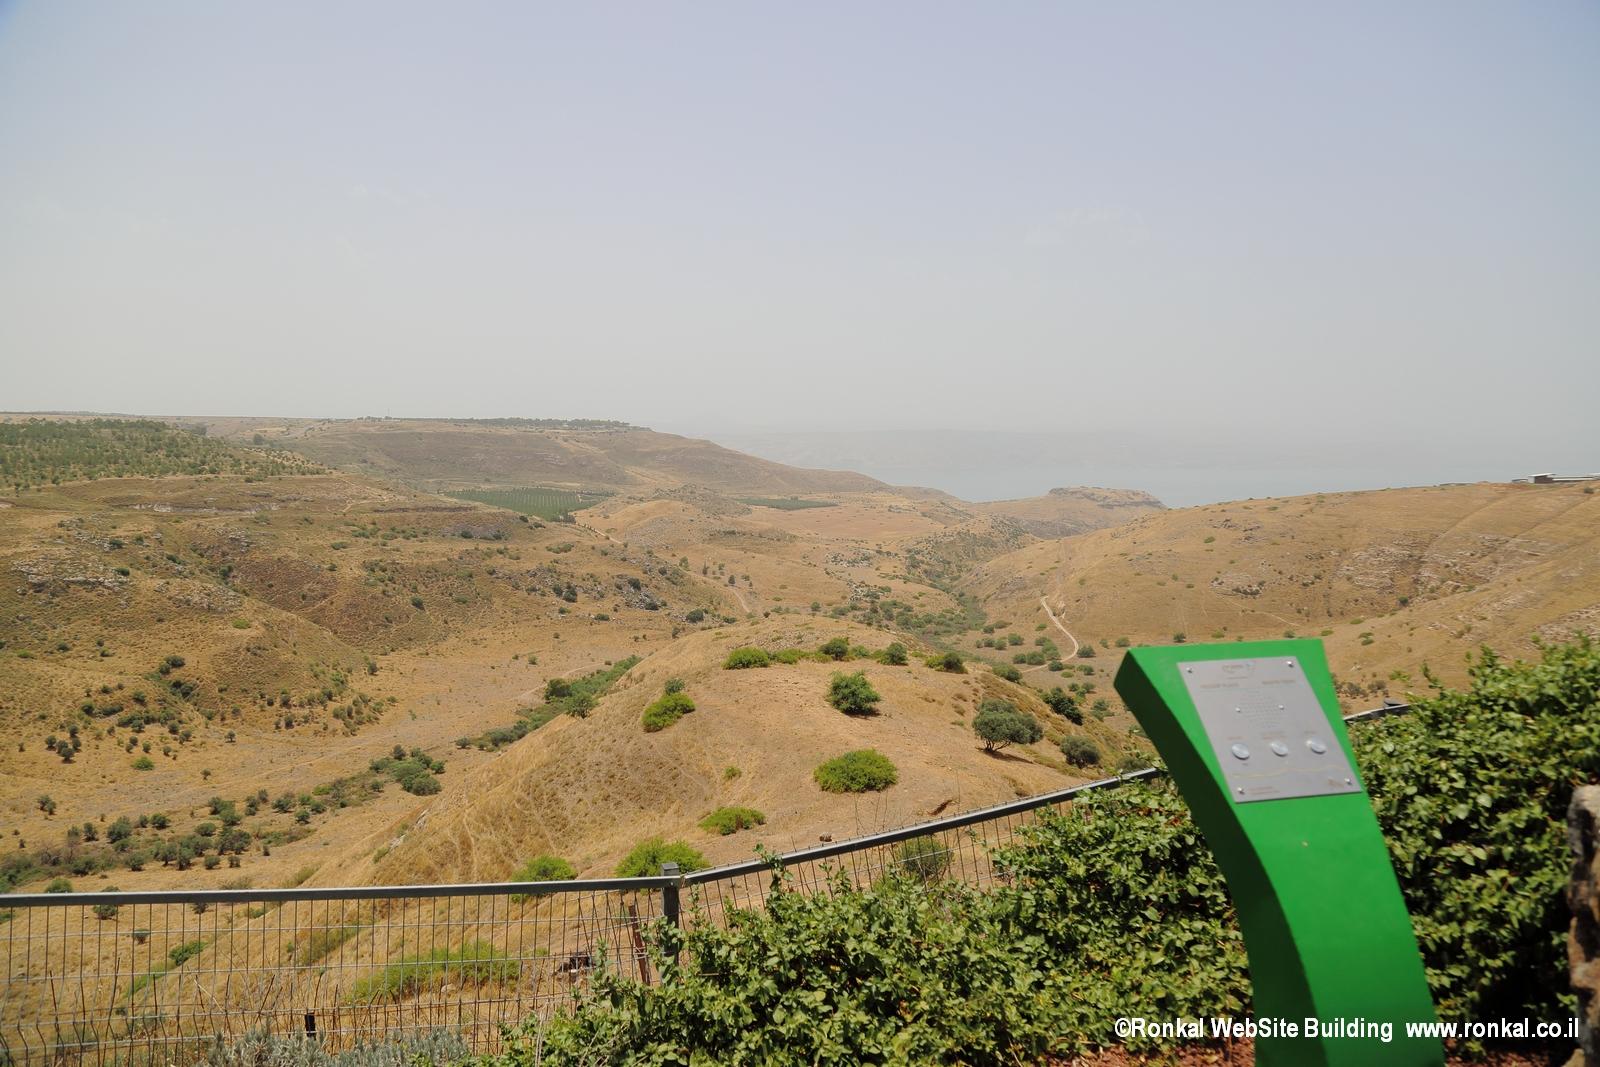 תחנה 4 מצפה אפיק (פיק) בקיבוץ אפיק – ומרפסת הר-נבו